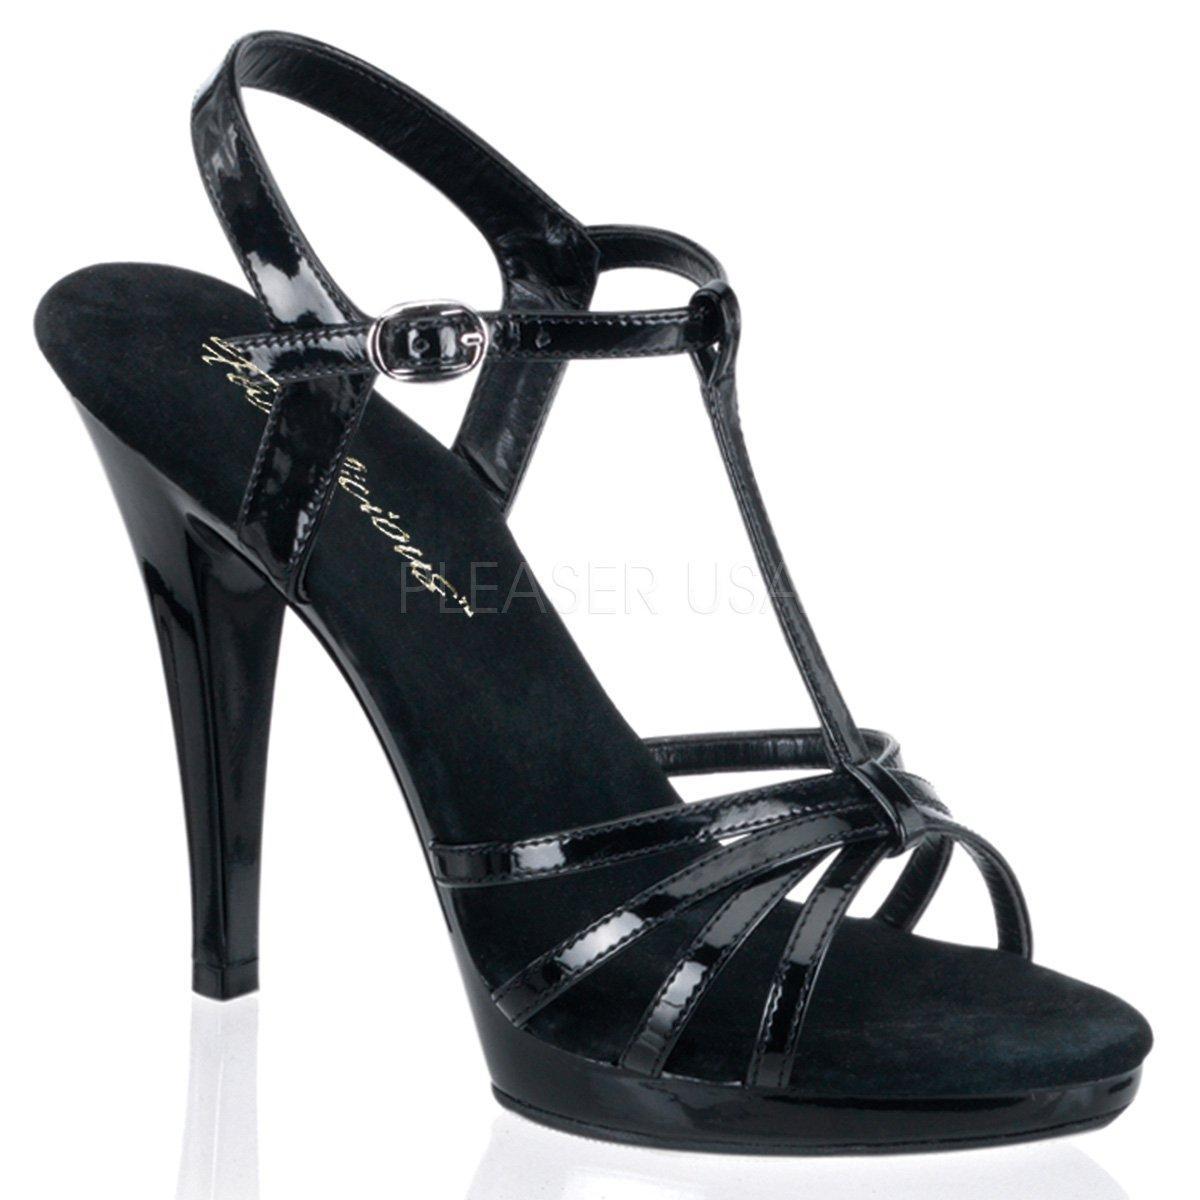 1b139313fcf FLAIR-420 Černé páskové plesové sandálky na podpatku